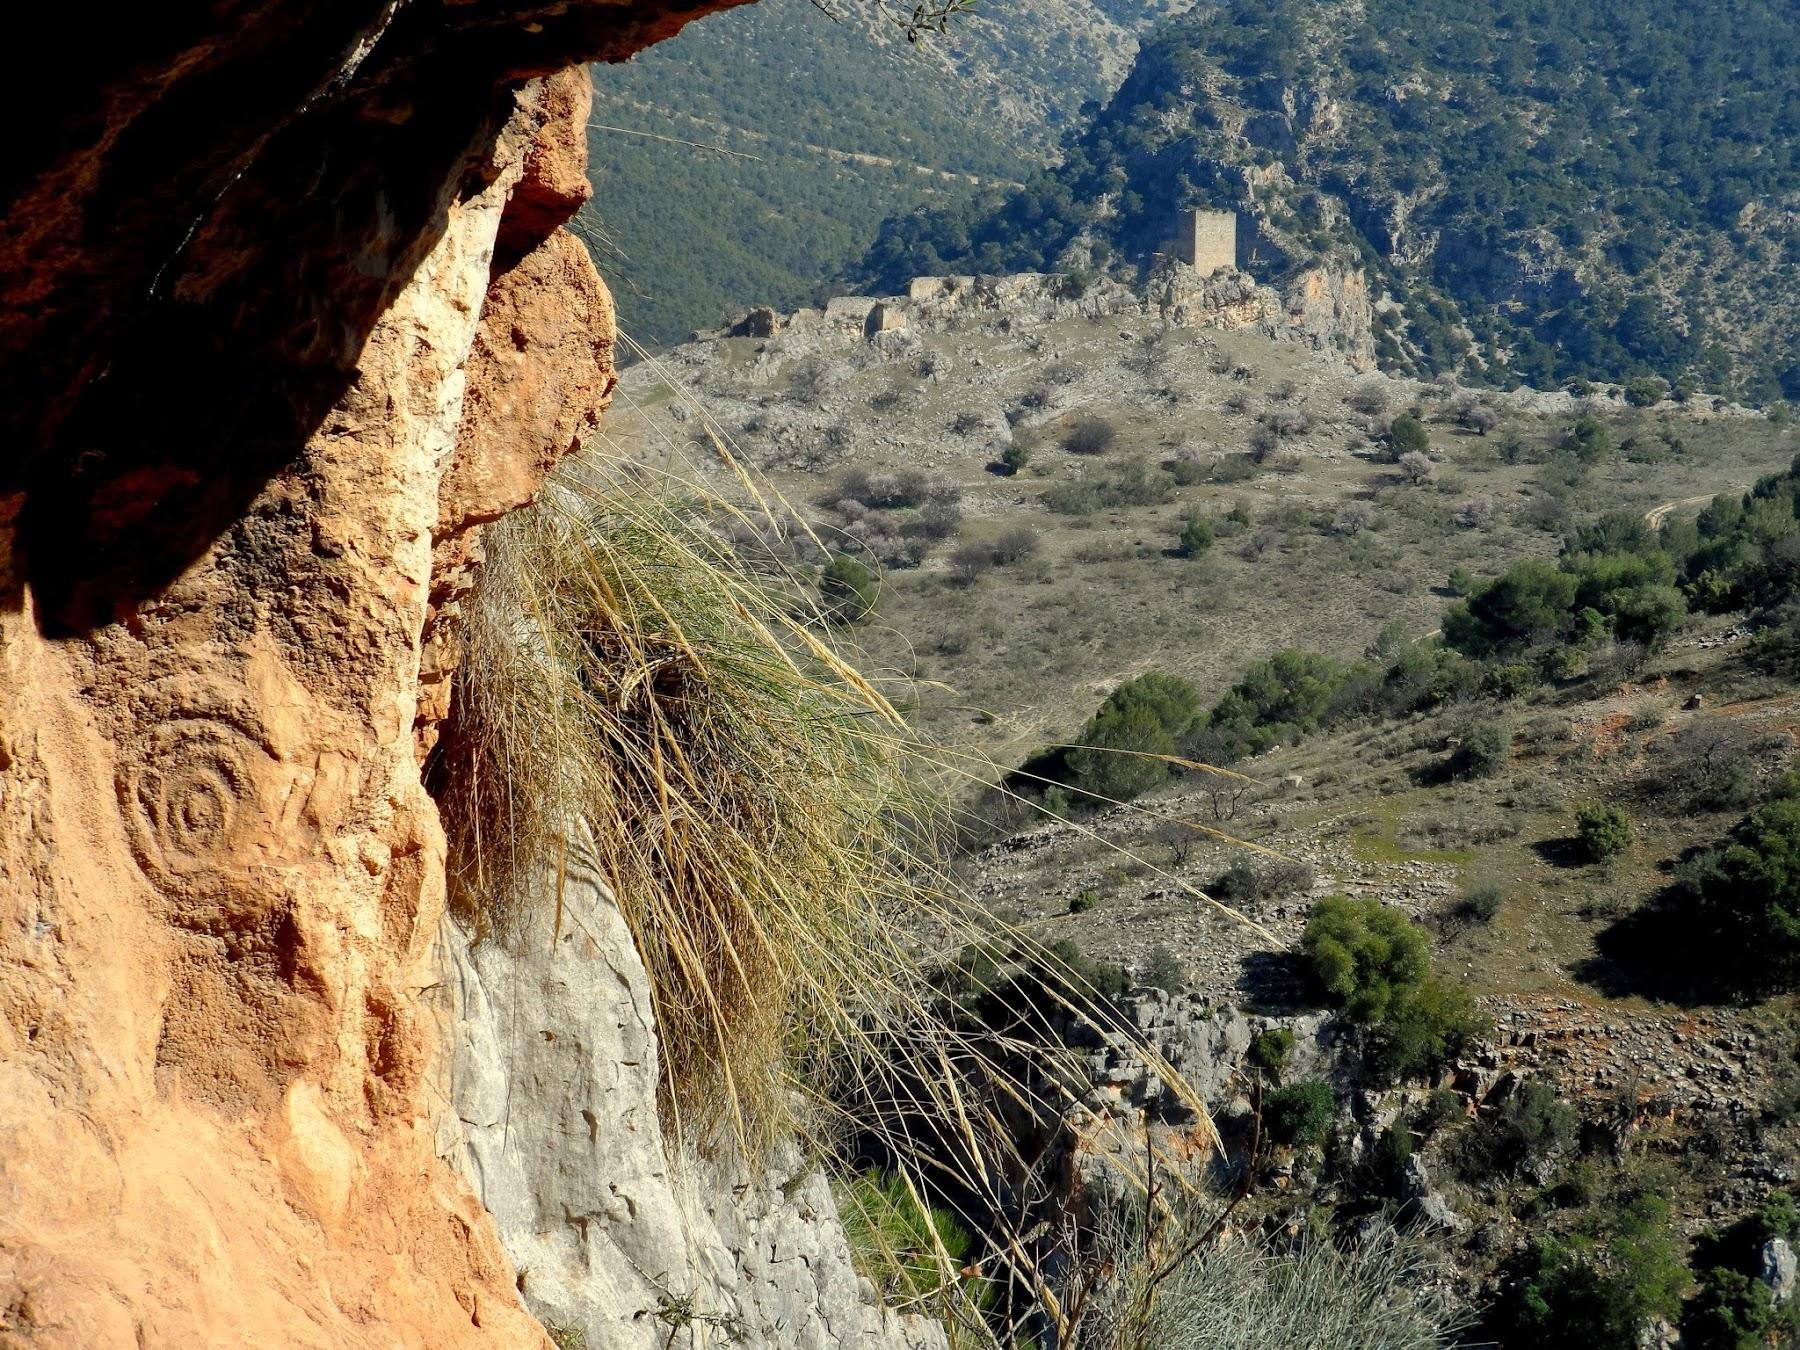 Club de monta a rumbo norte jaen marzo 2014 - Altos del toril ...